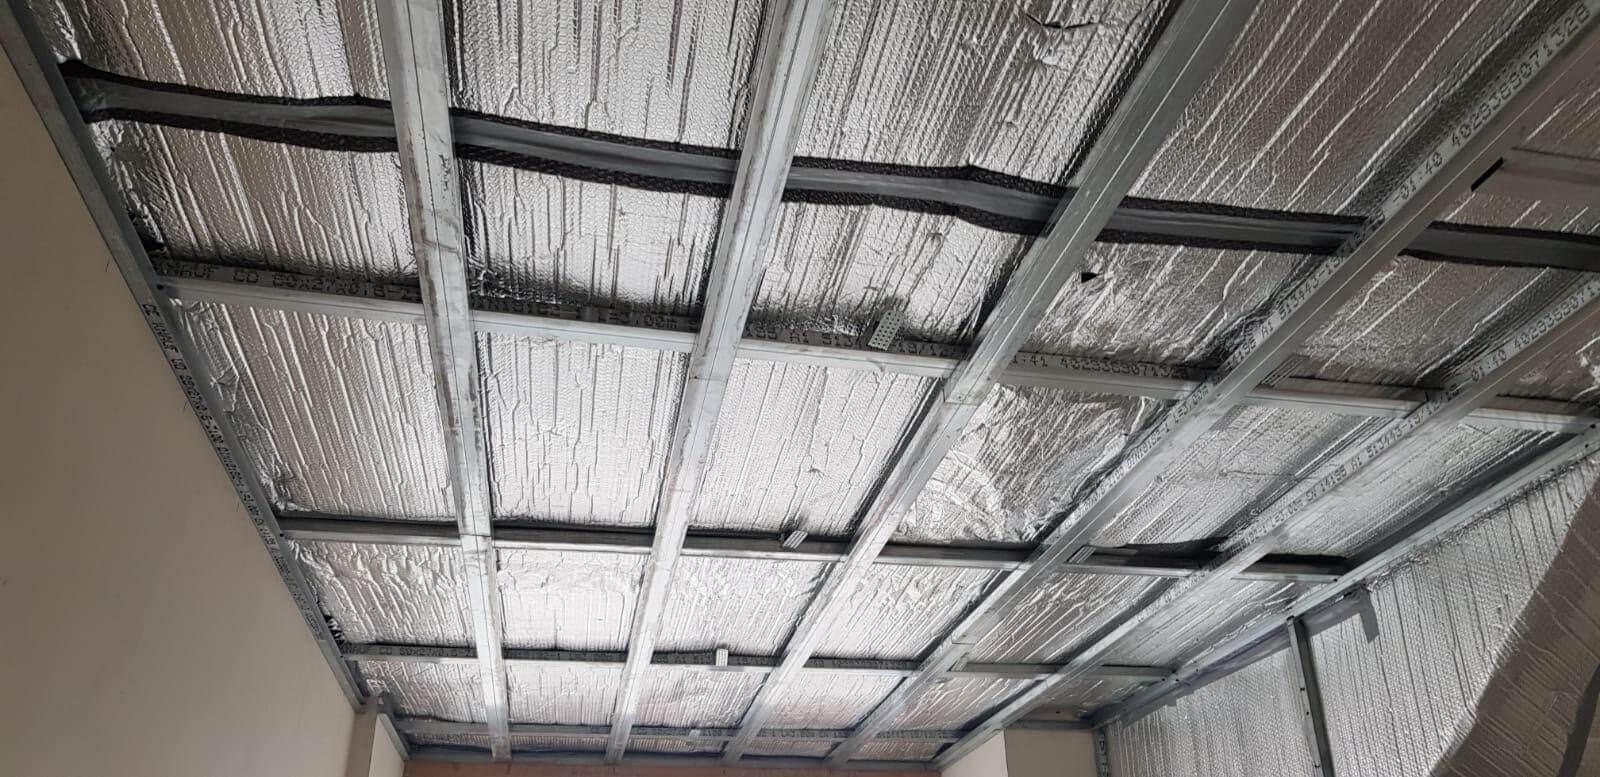 izolatie acoperis interior mansarda